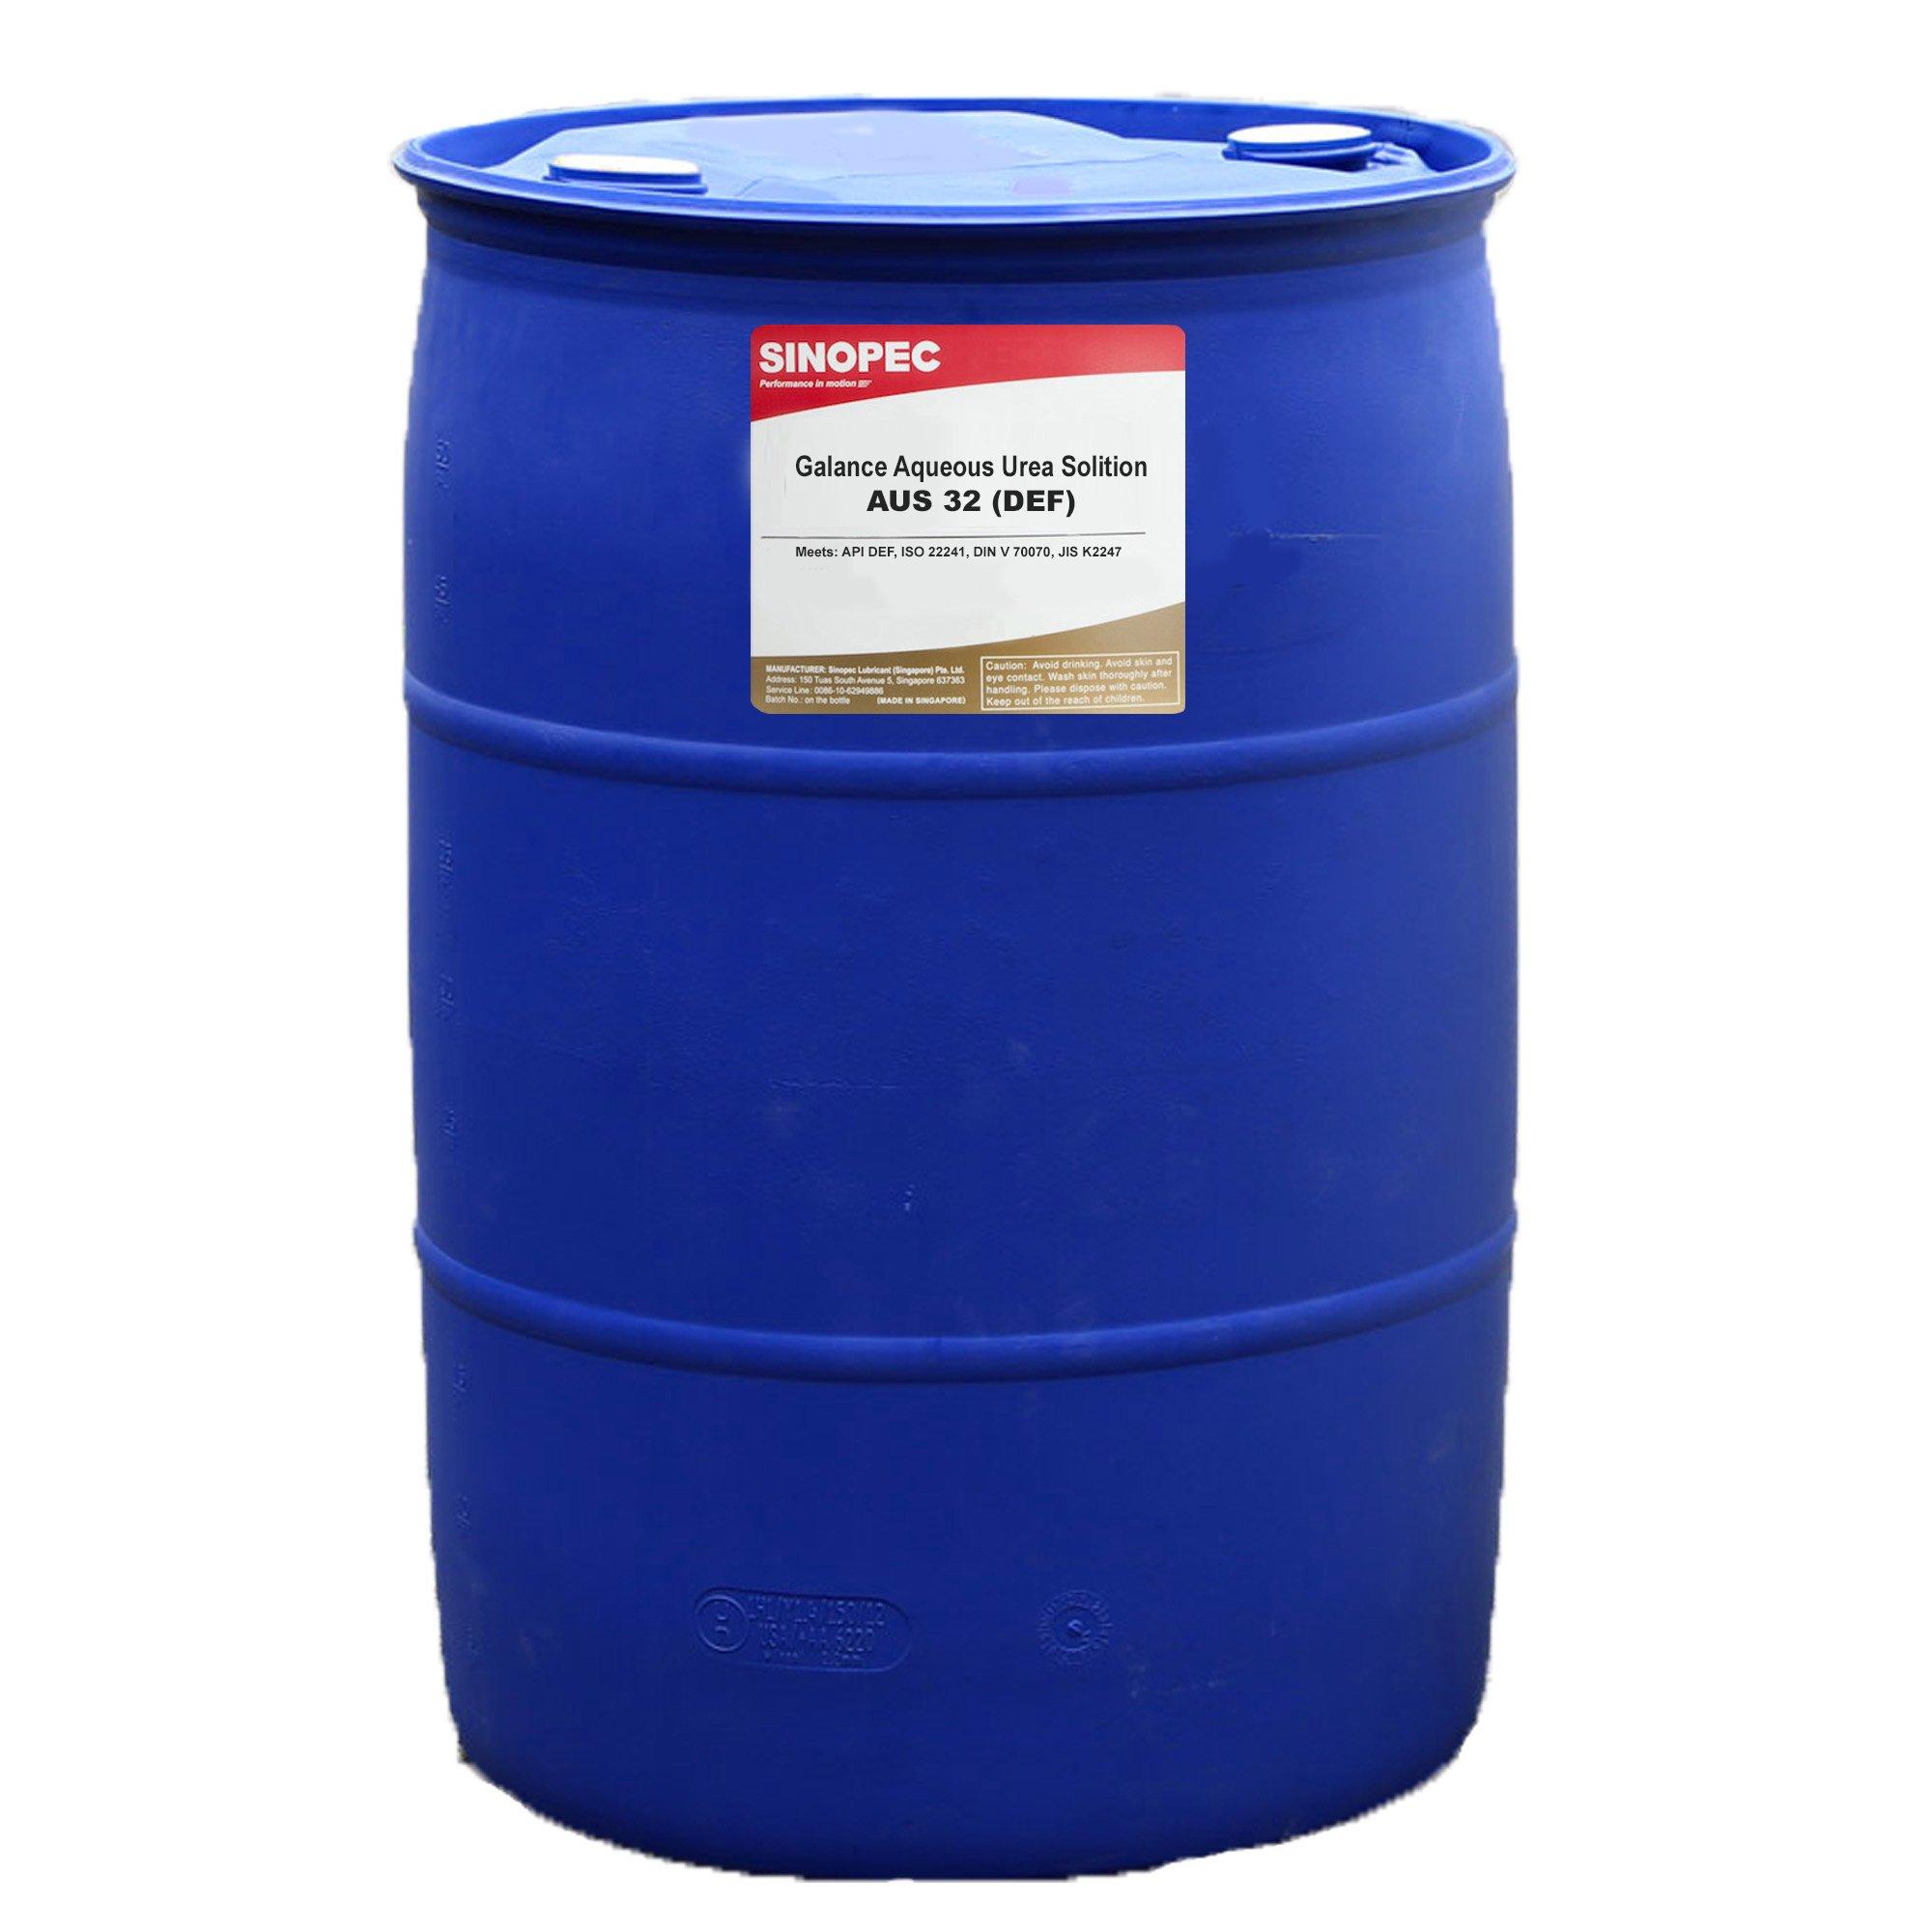 DEF Diesel Exhaust Fluid - 55 Gallon Drum by Sinopec